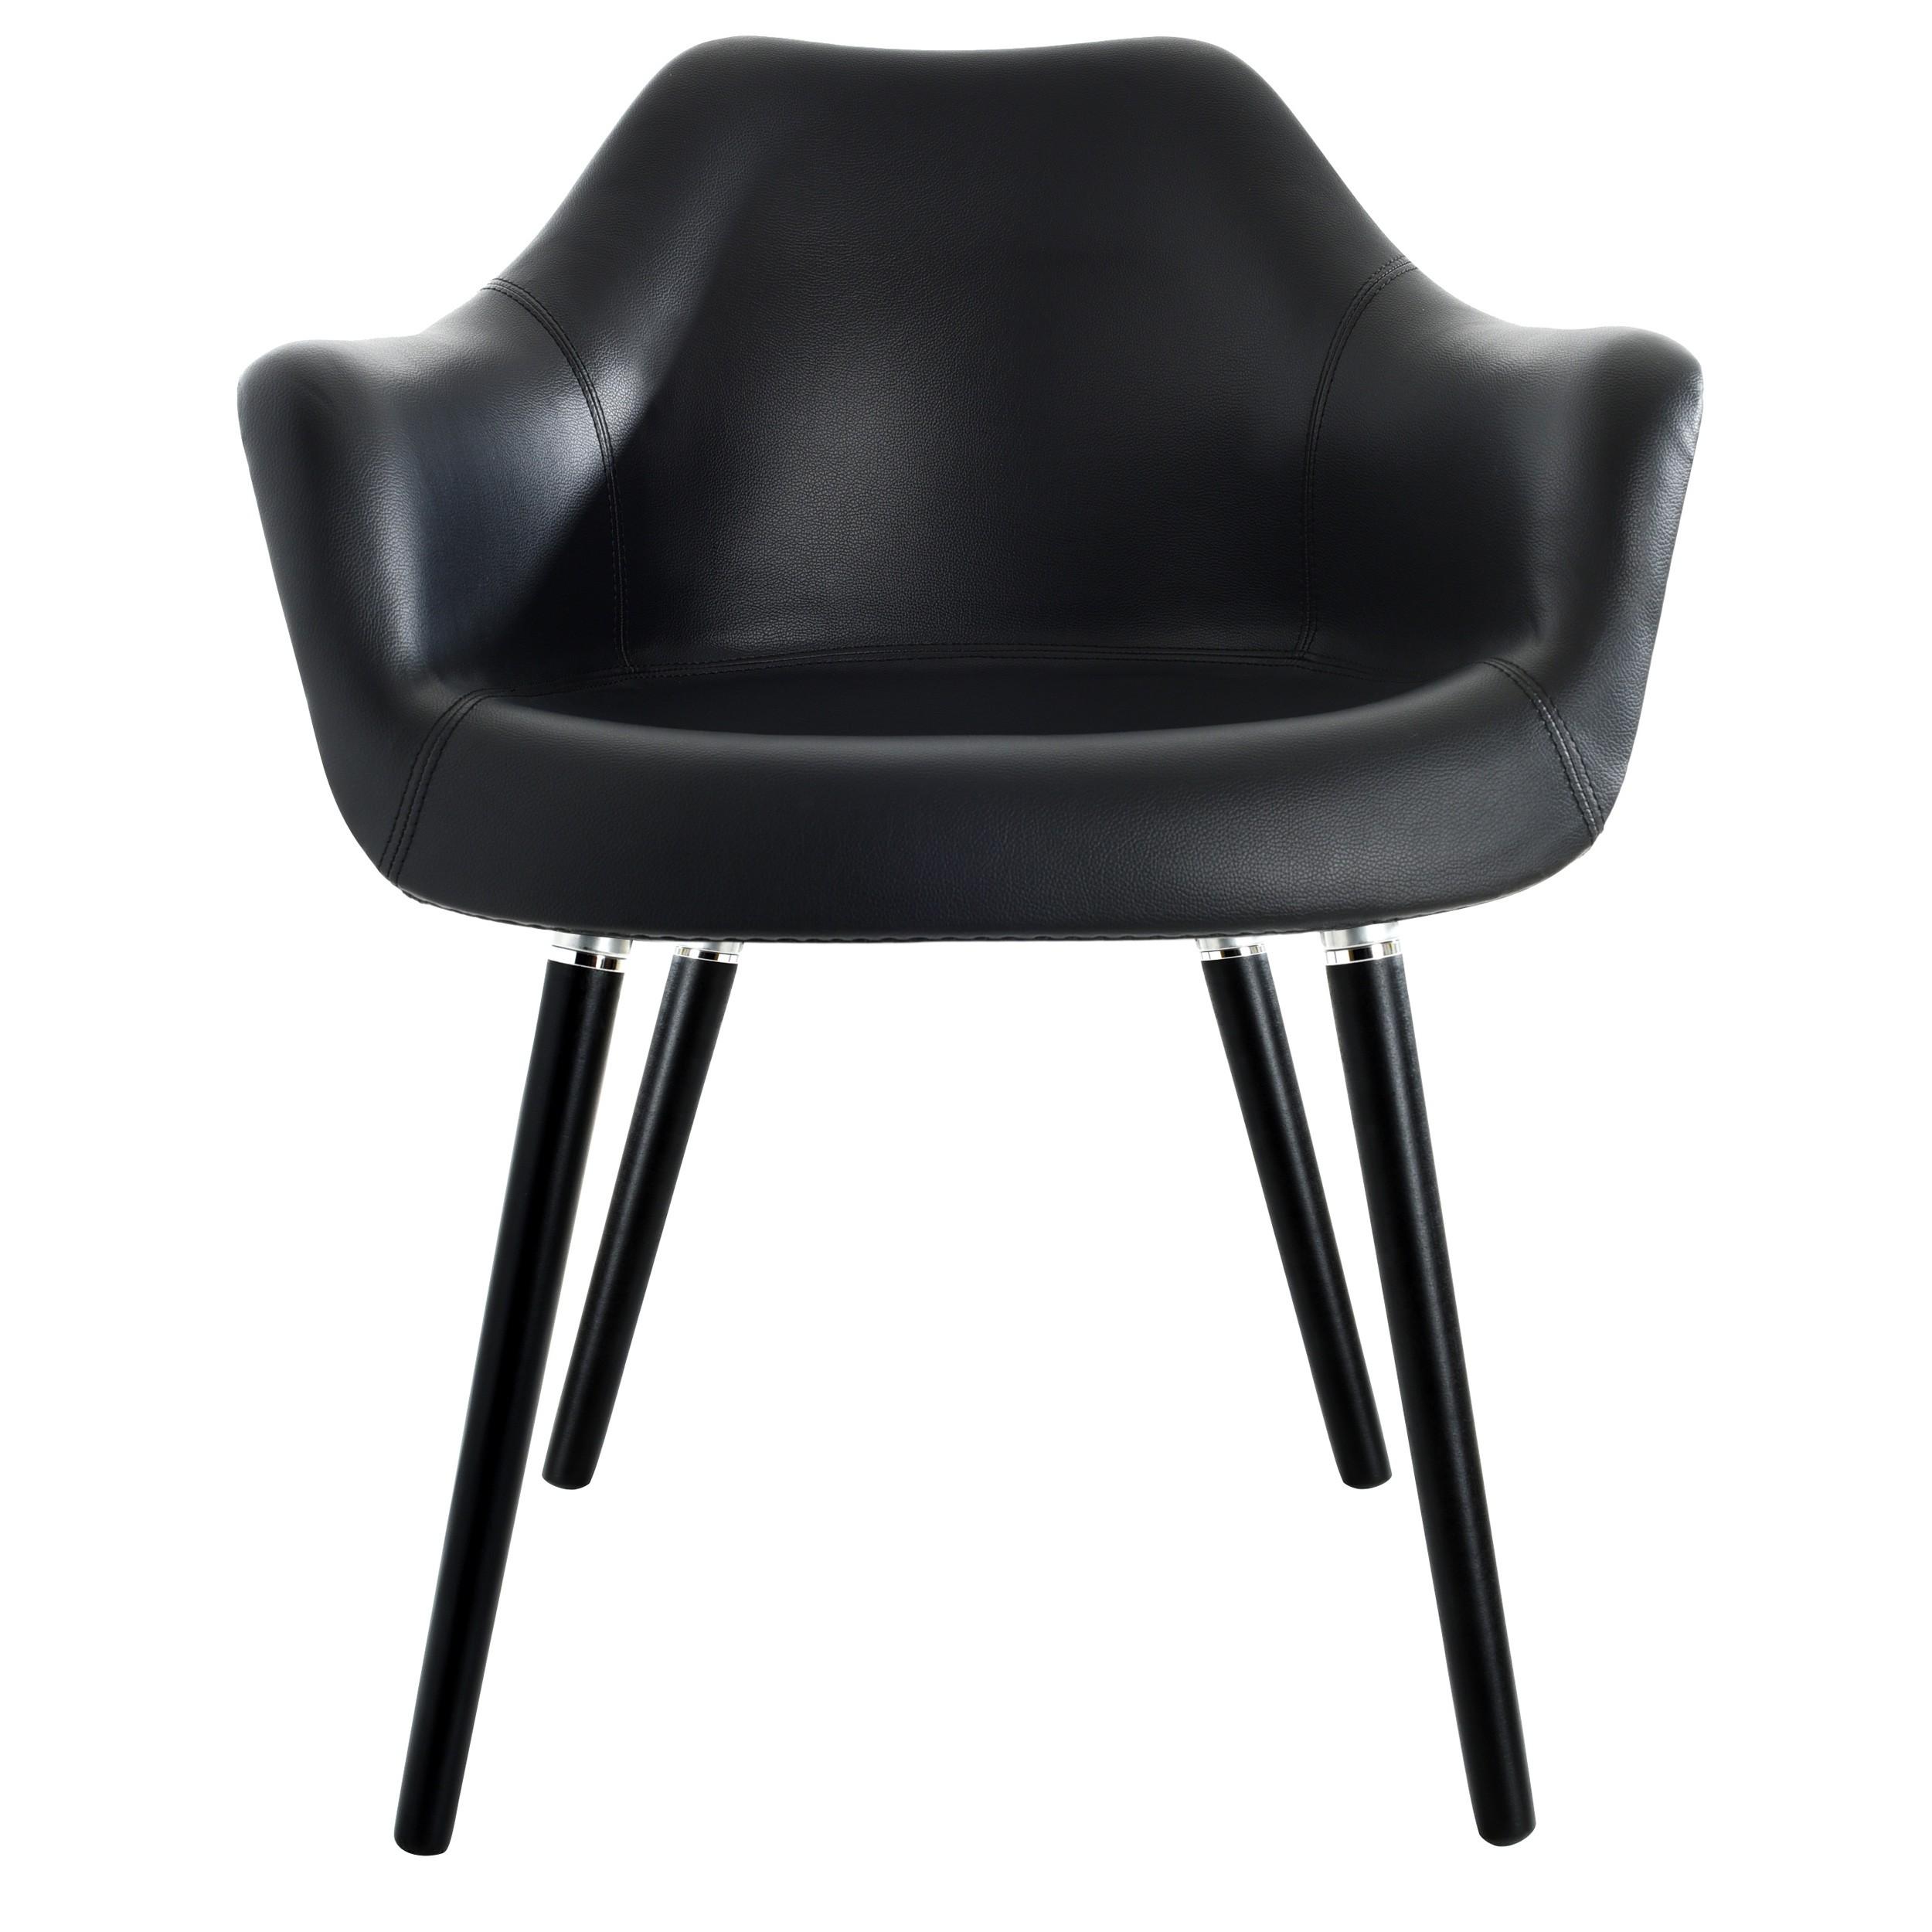 chaises cuir noir with chaises cuir noir cheap jacques. Black Bedroom Furniture Sets. Home Design Ideas